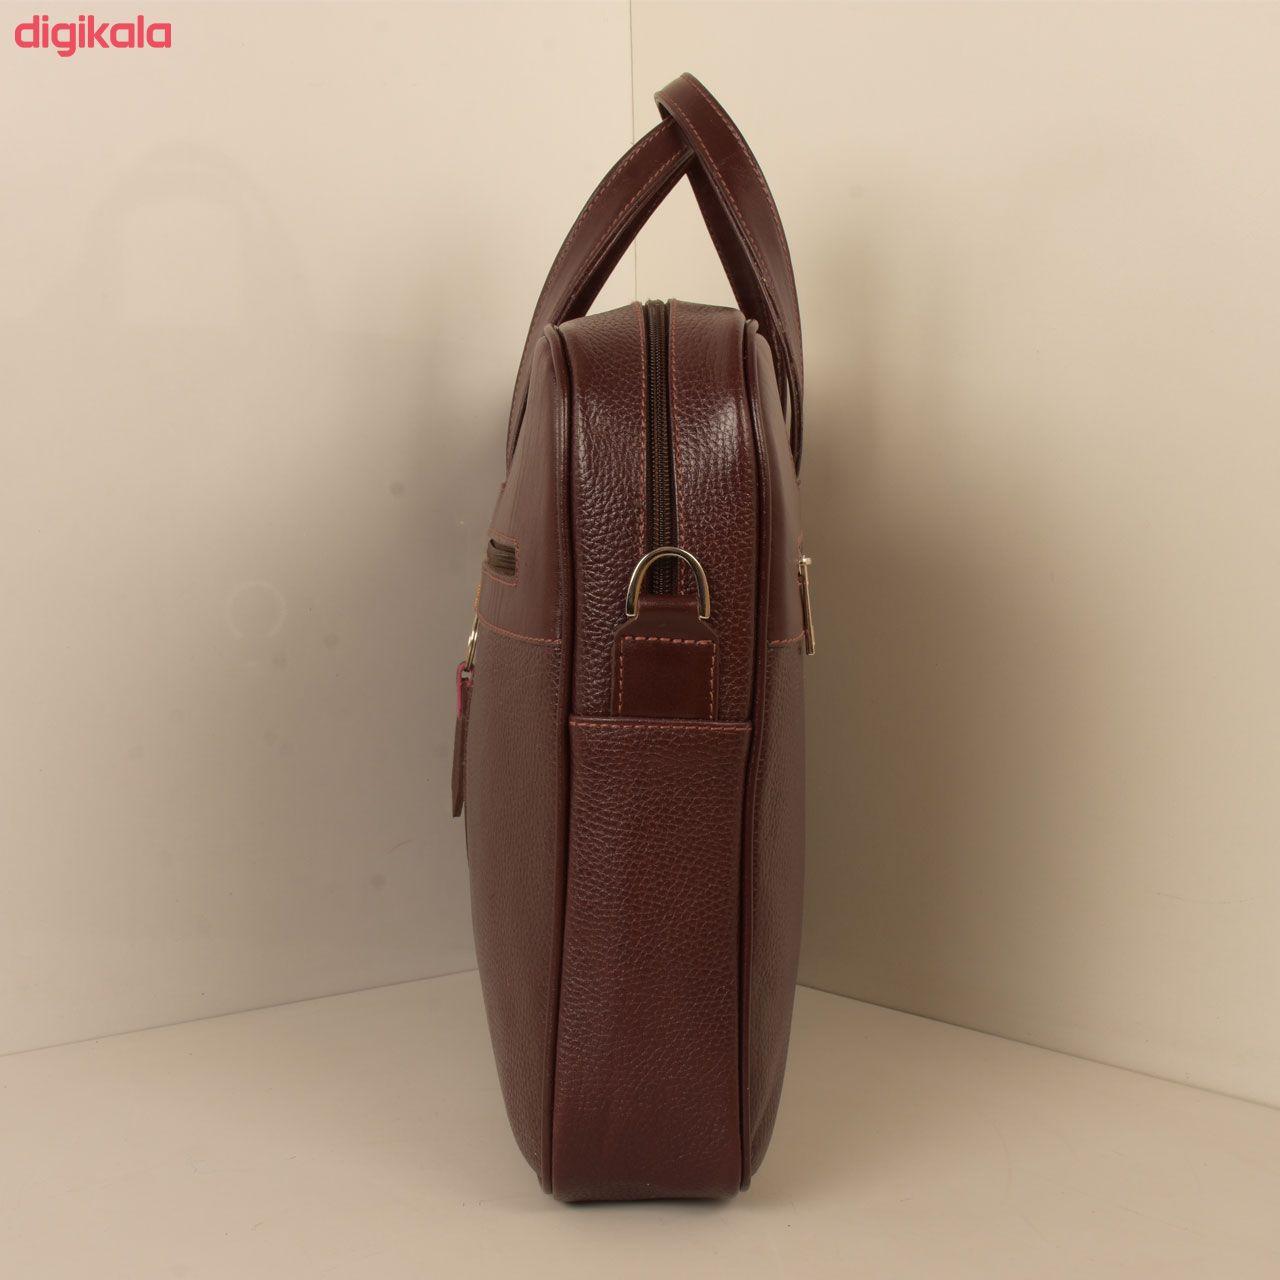 کیف اداری مردانه پارینه چرم مدل L159 main 1 11